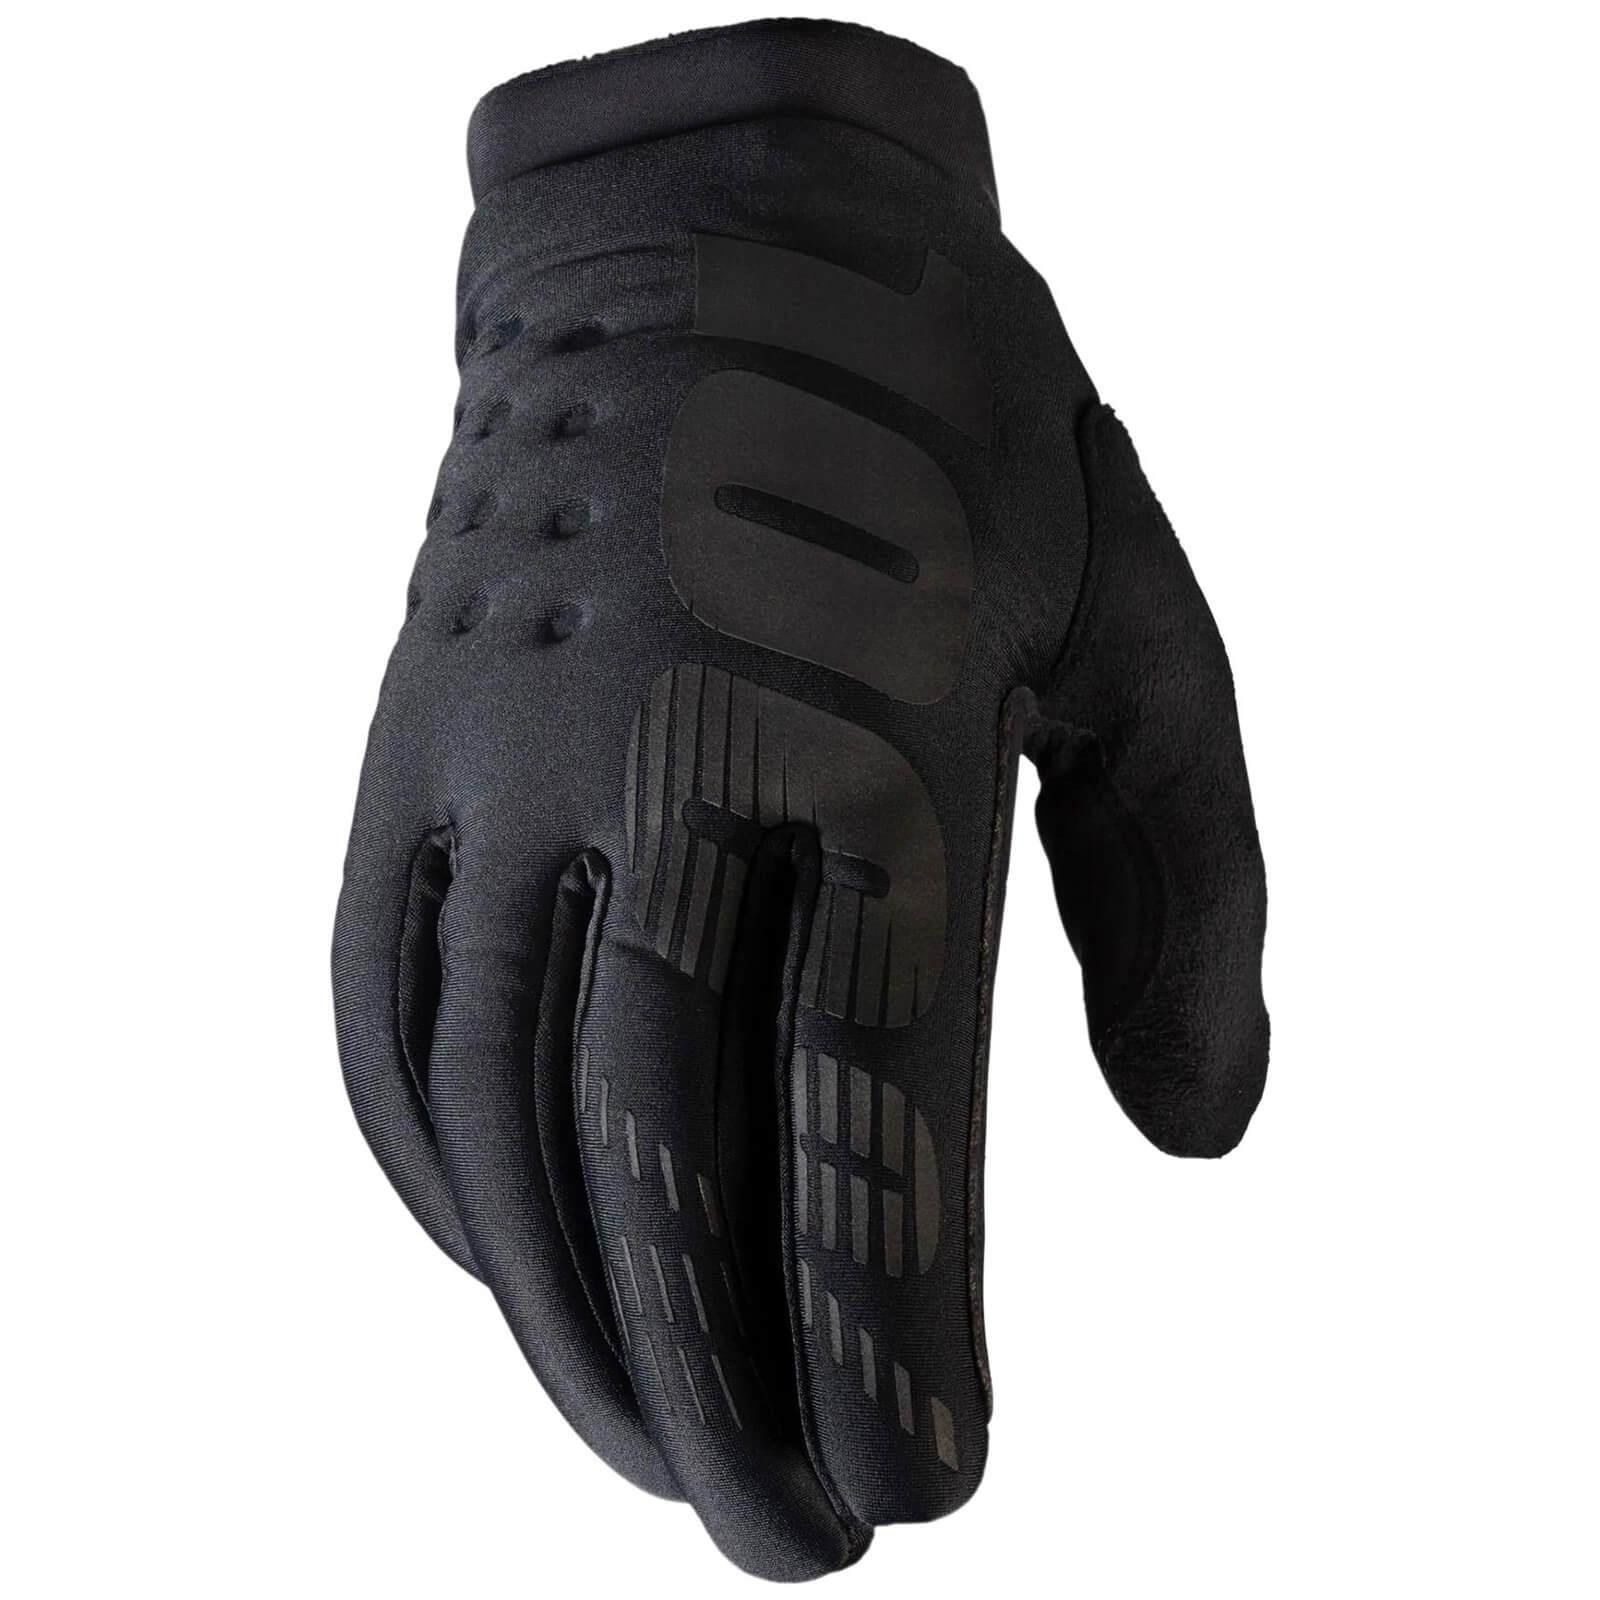 Image of 100% Brisker MTB Gloves - M - Black/Grey